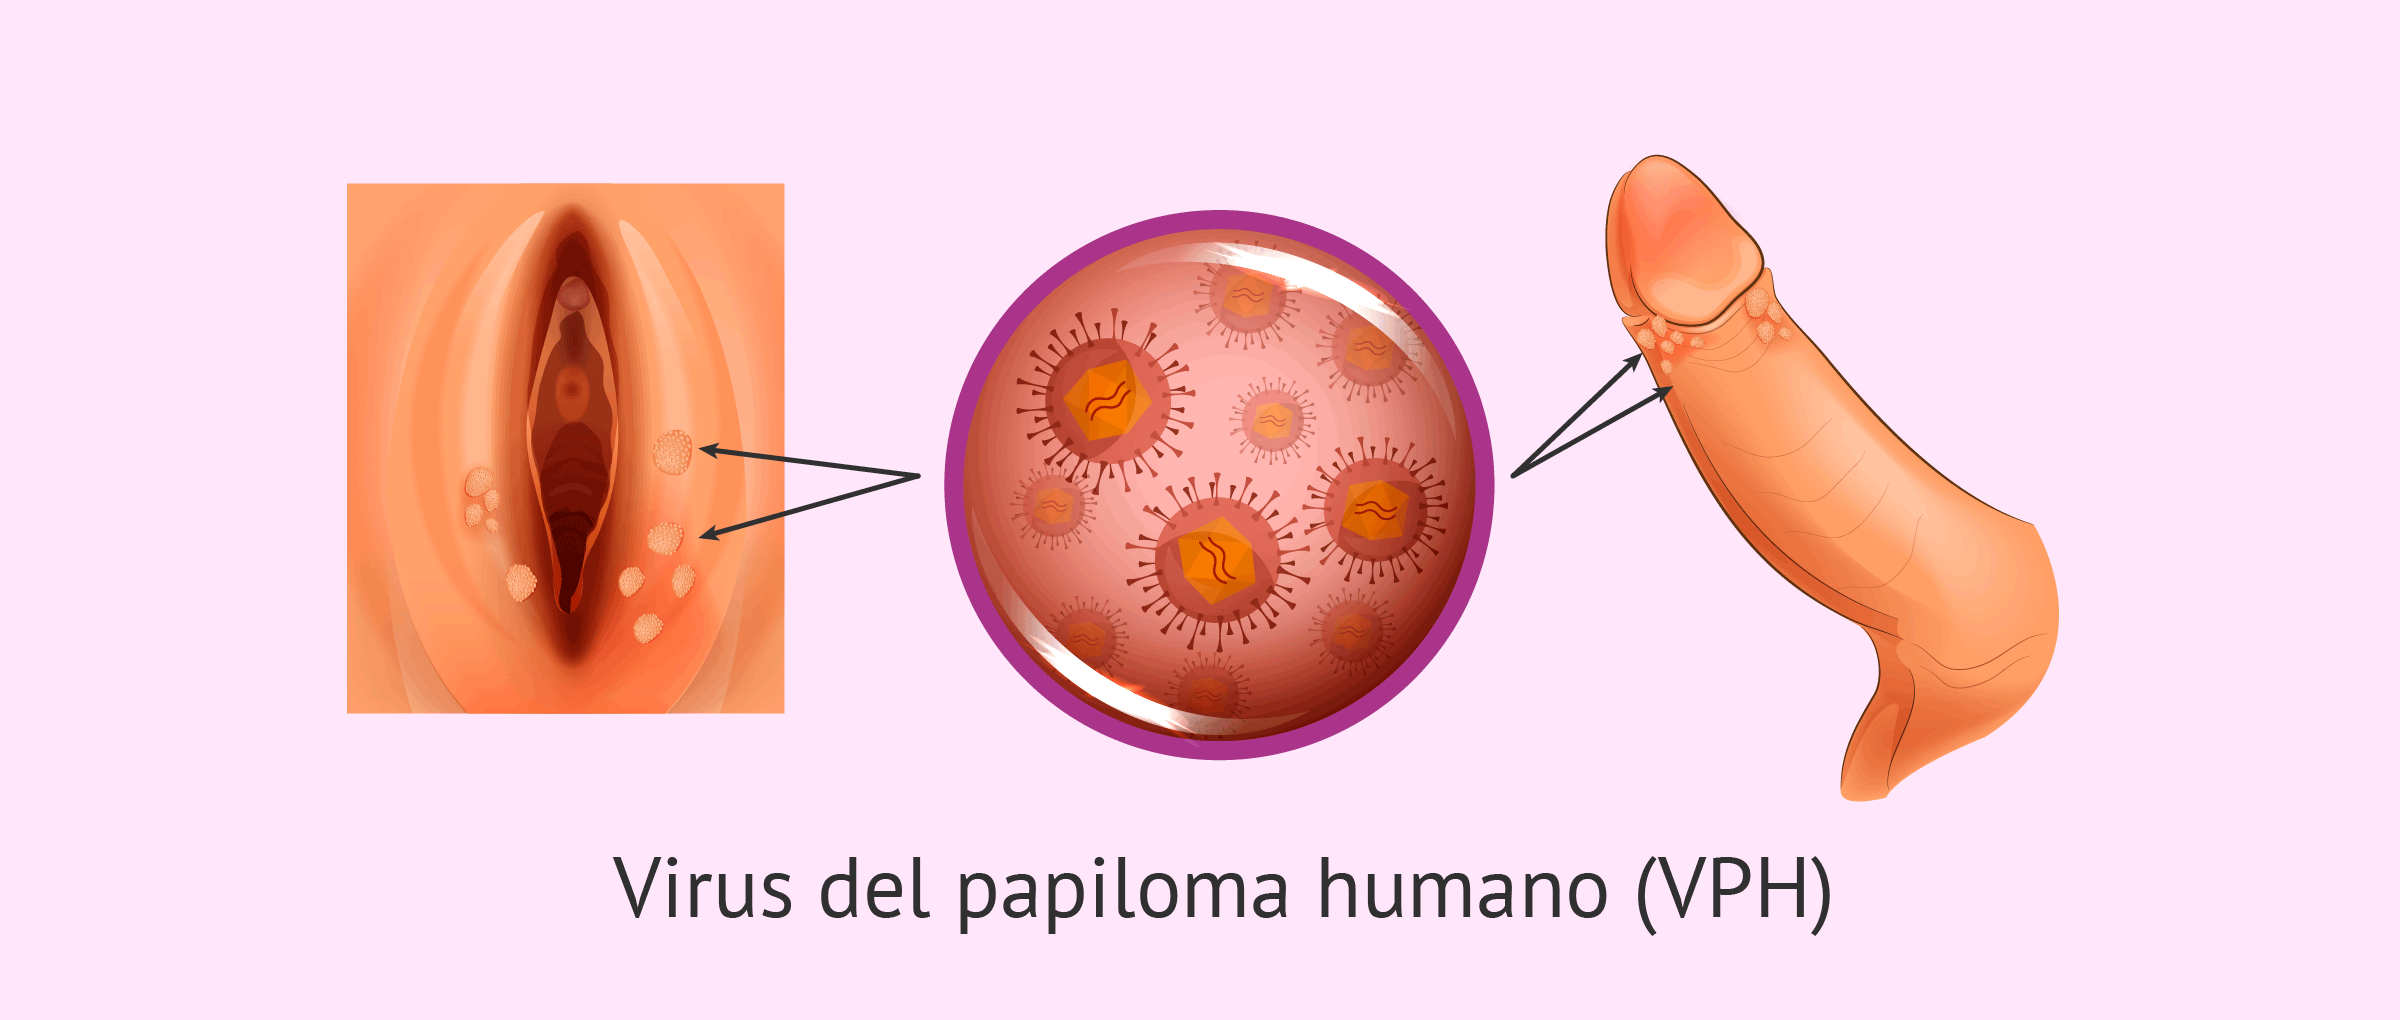 human papillomavirus que es